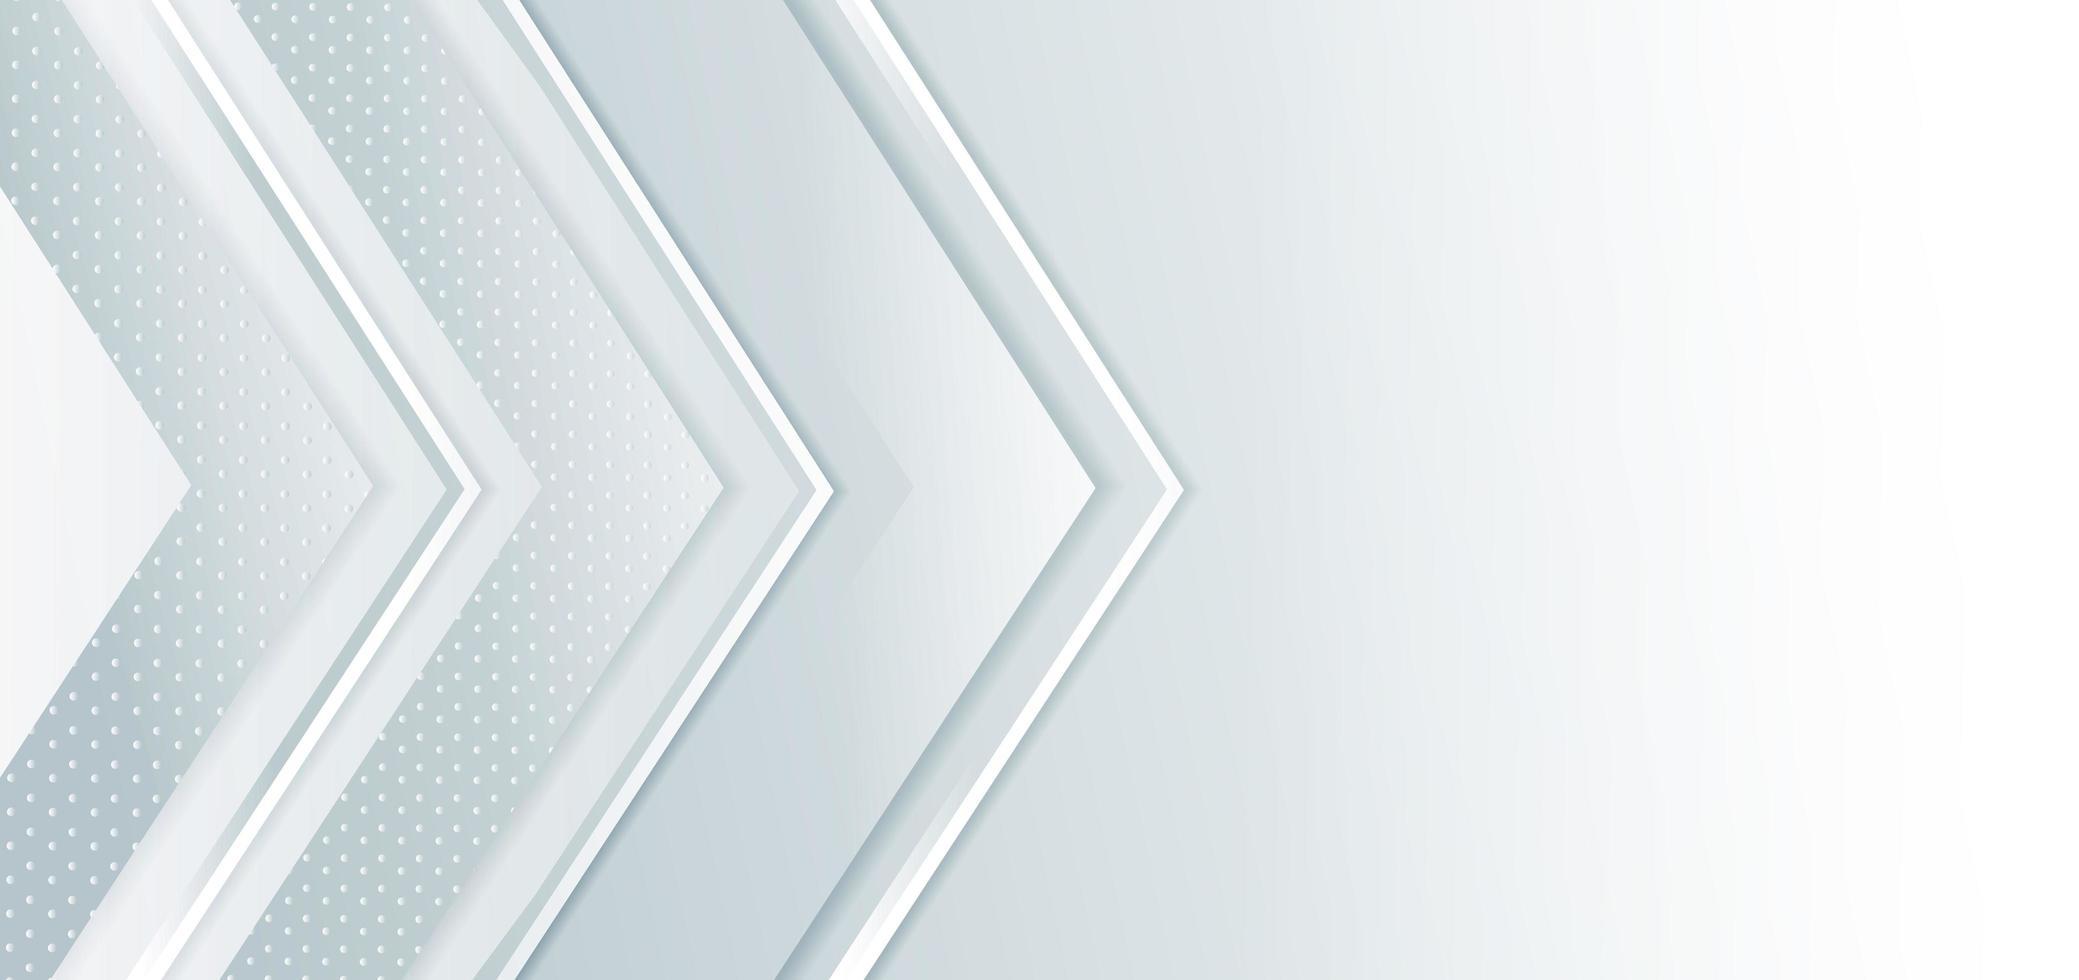 abstracte banner met grijze en witte pijlen vector